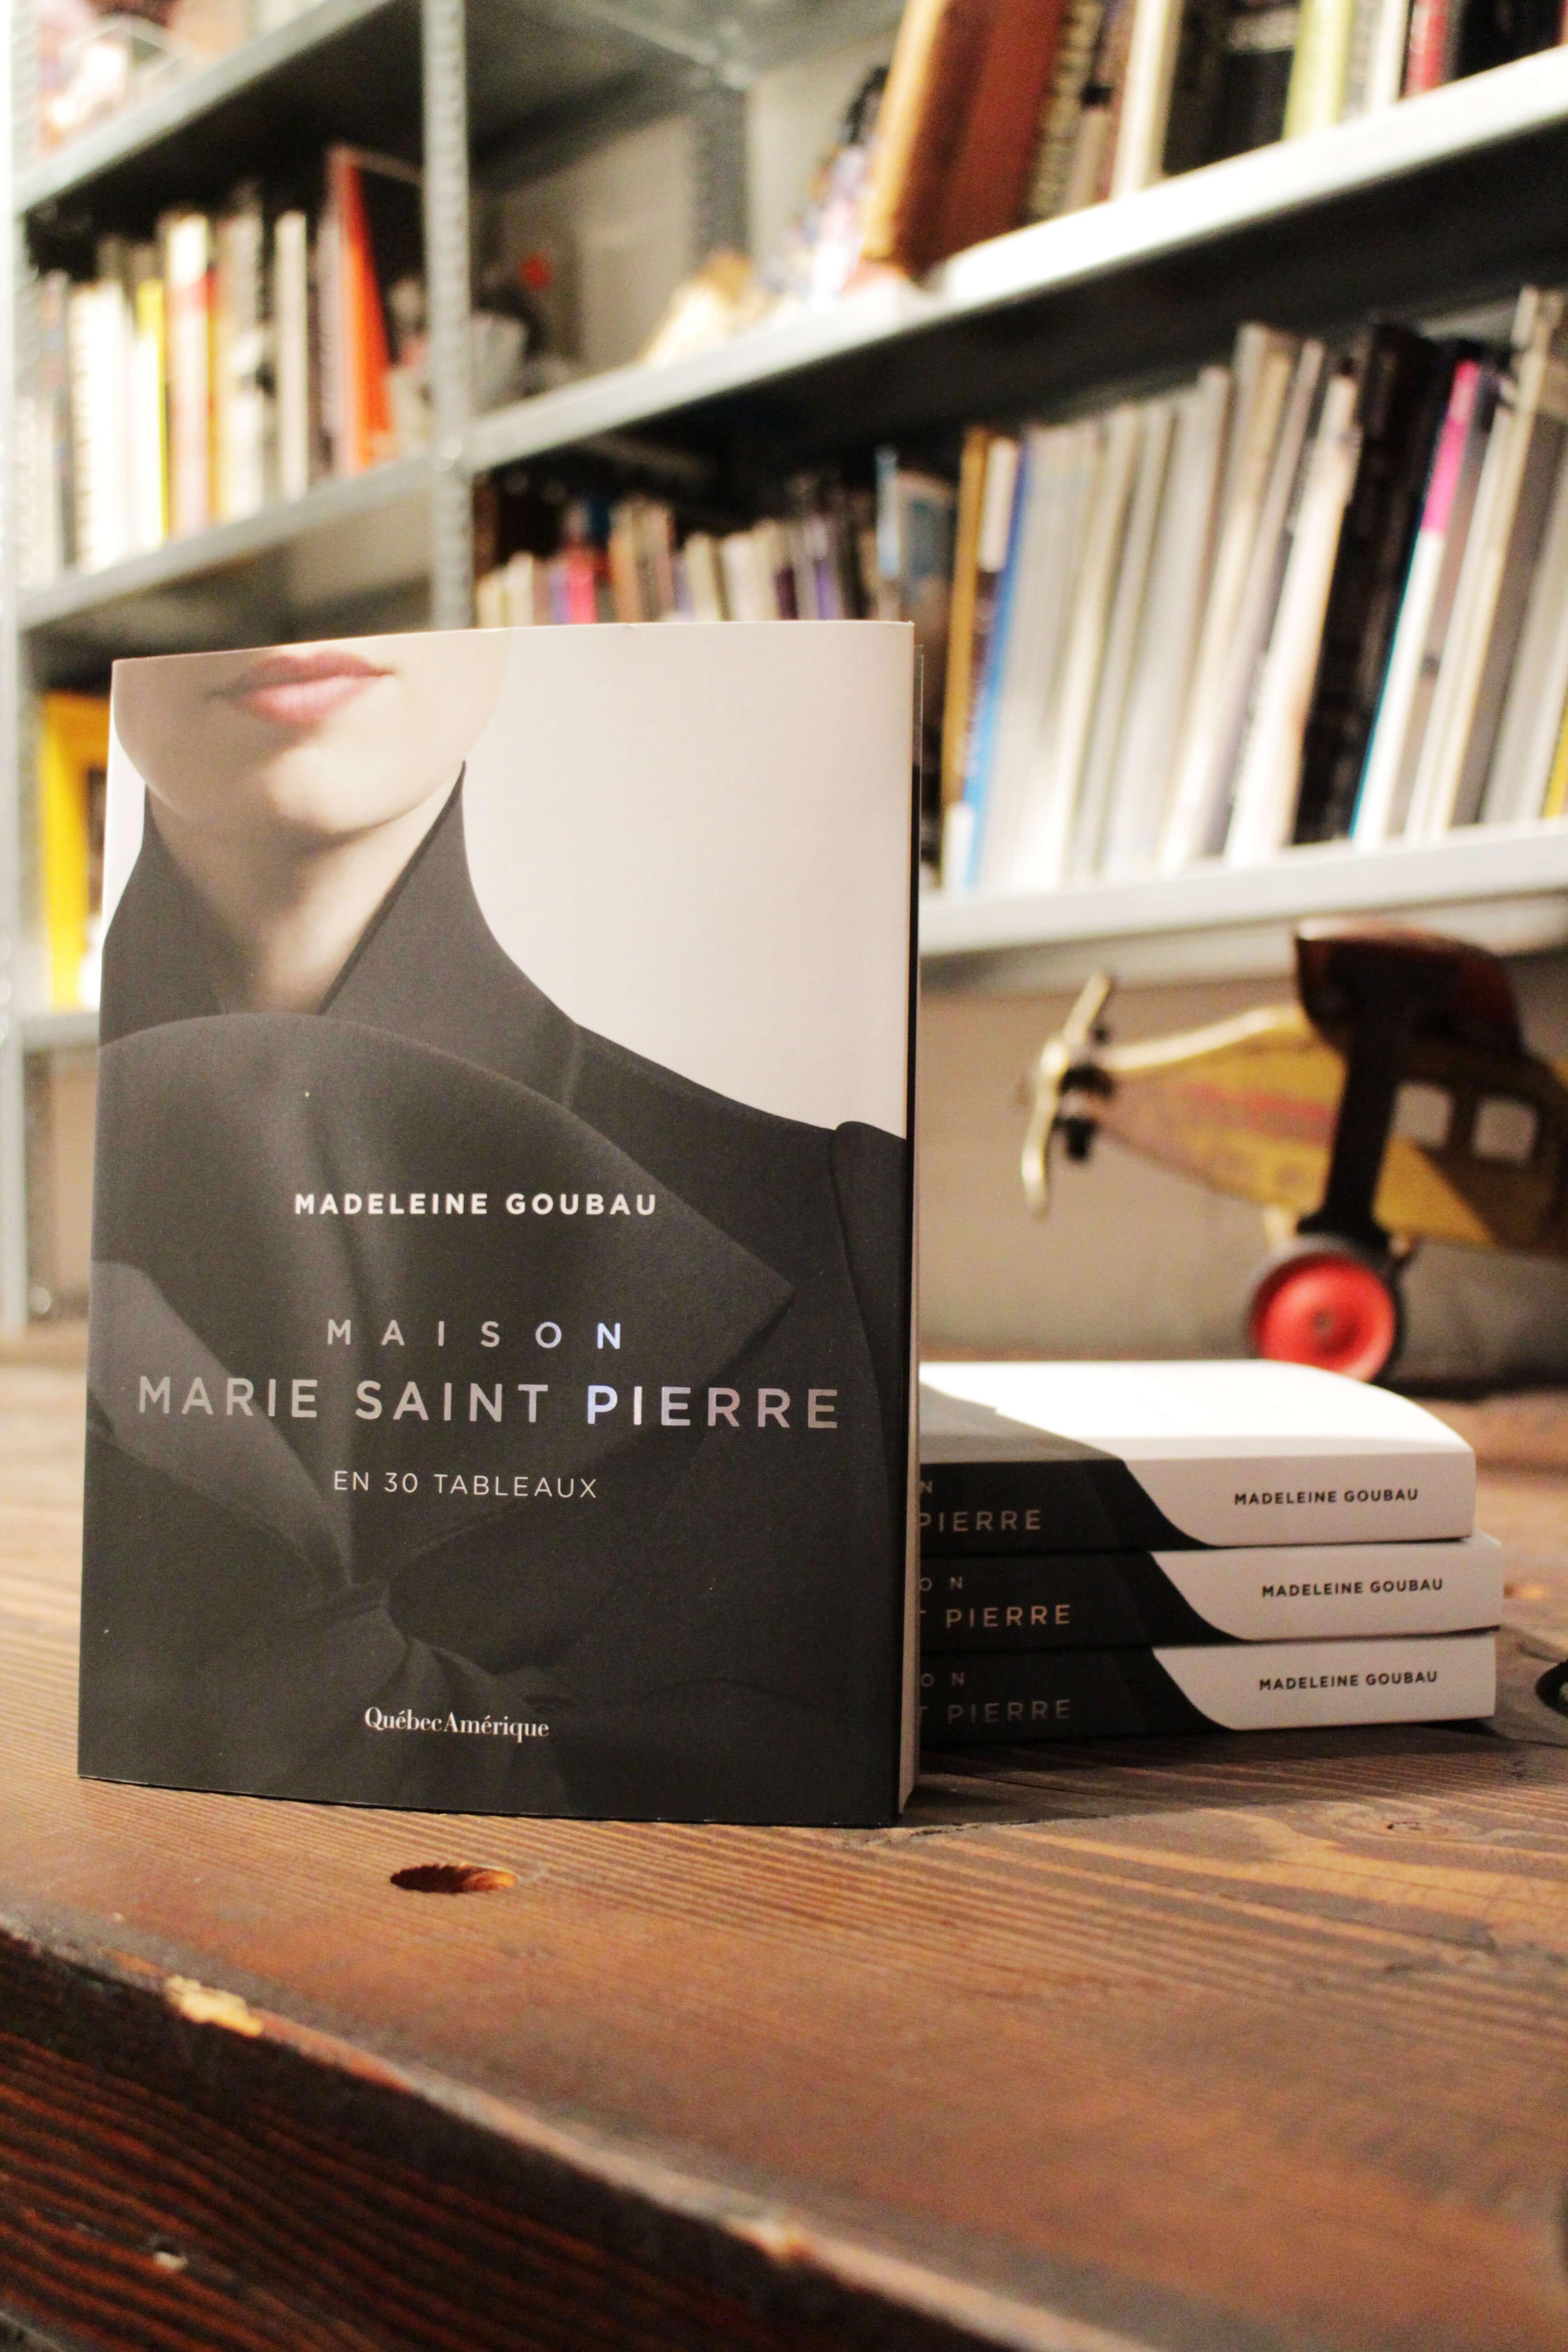 30_tableaux_maison_marie_saint_pierre